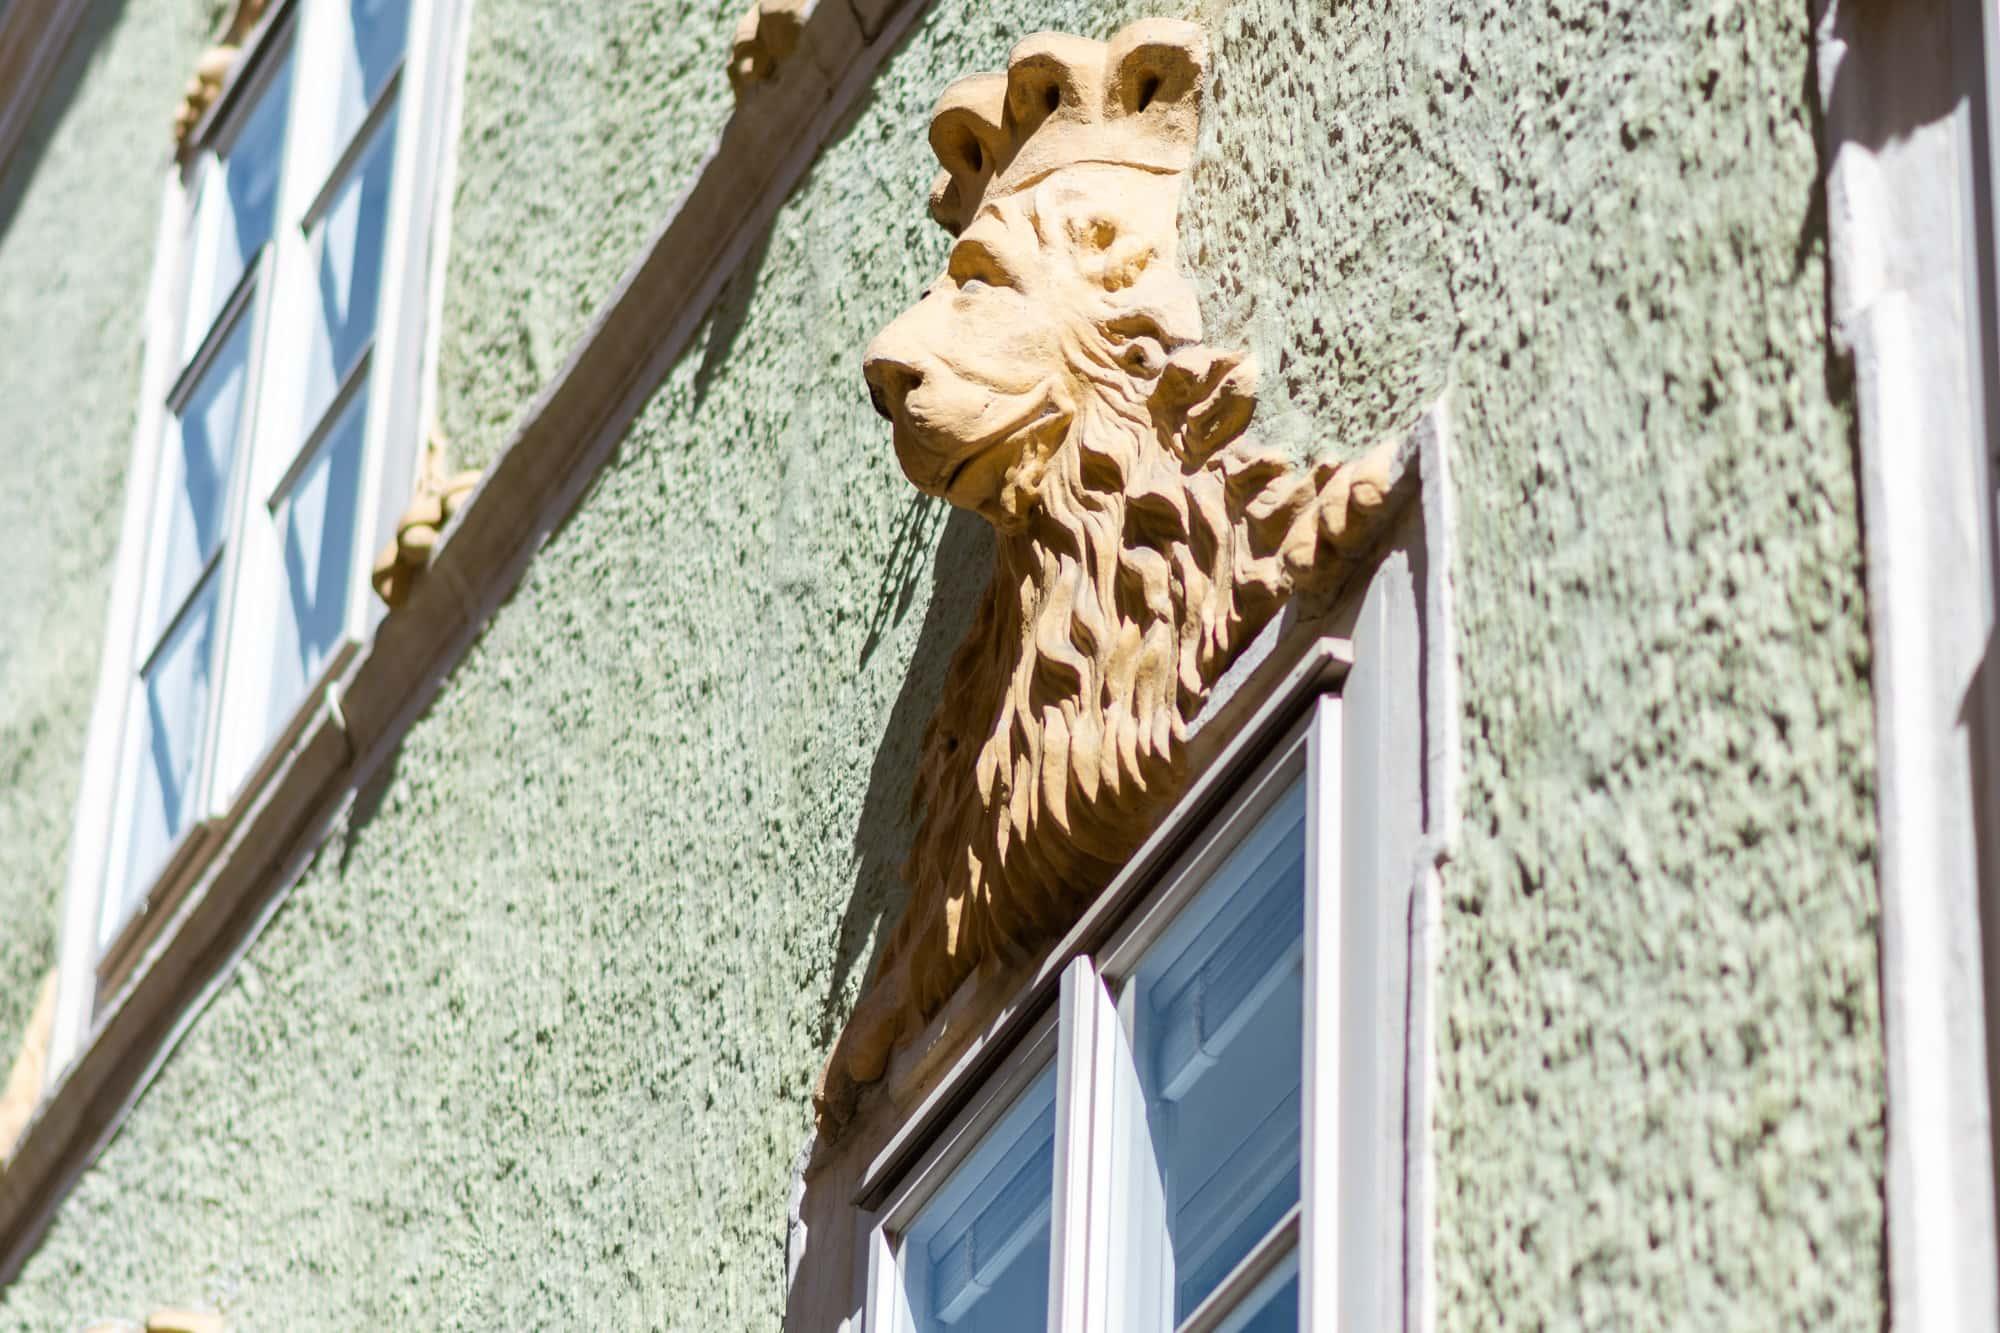 Steinlöwen, Löwenhaus, Tiere in der Stadt, 9020 Klagenfurt am Wörthersee, Sehenswürdigkeiten